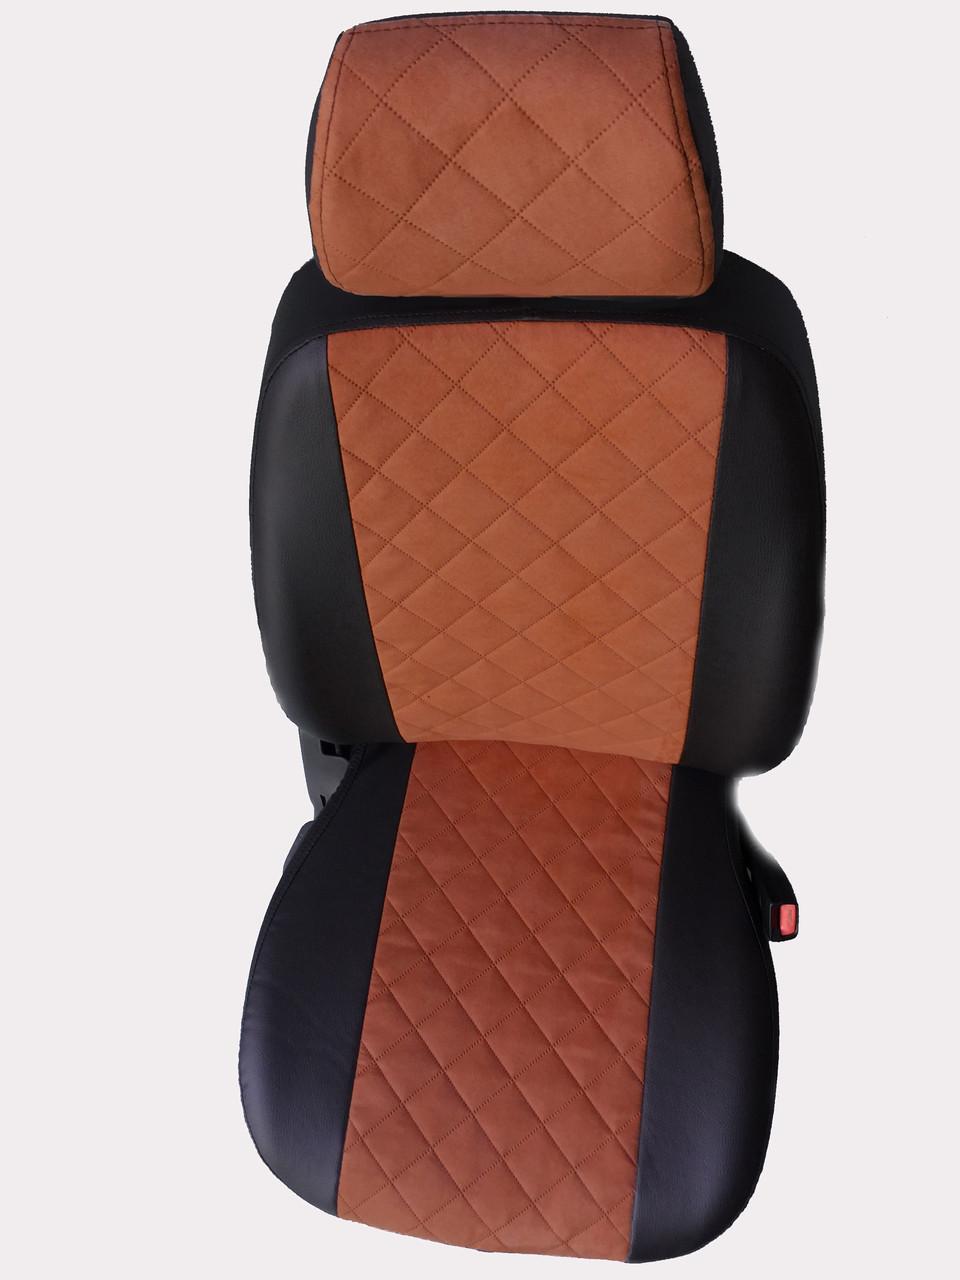 Чехлы на сиденья Форд Фьюжн (Ford Fusion) (универсальные, экокожа+Алькантара, с отдельным подголовником)